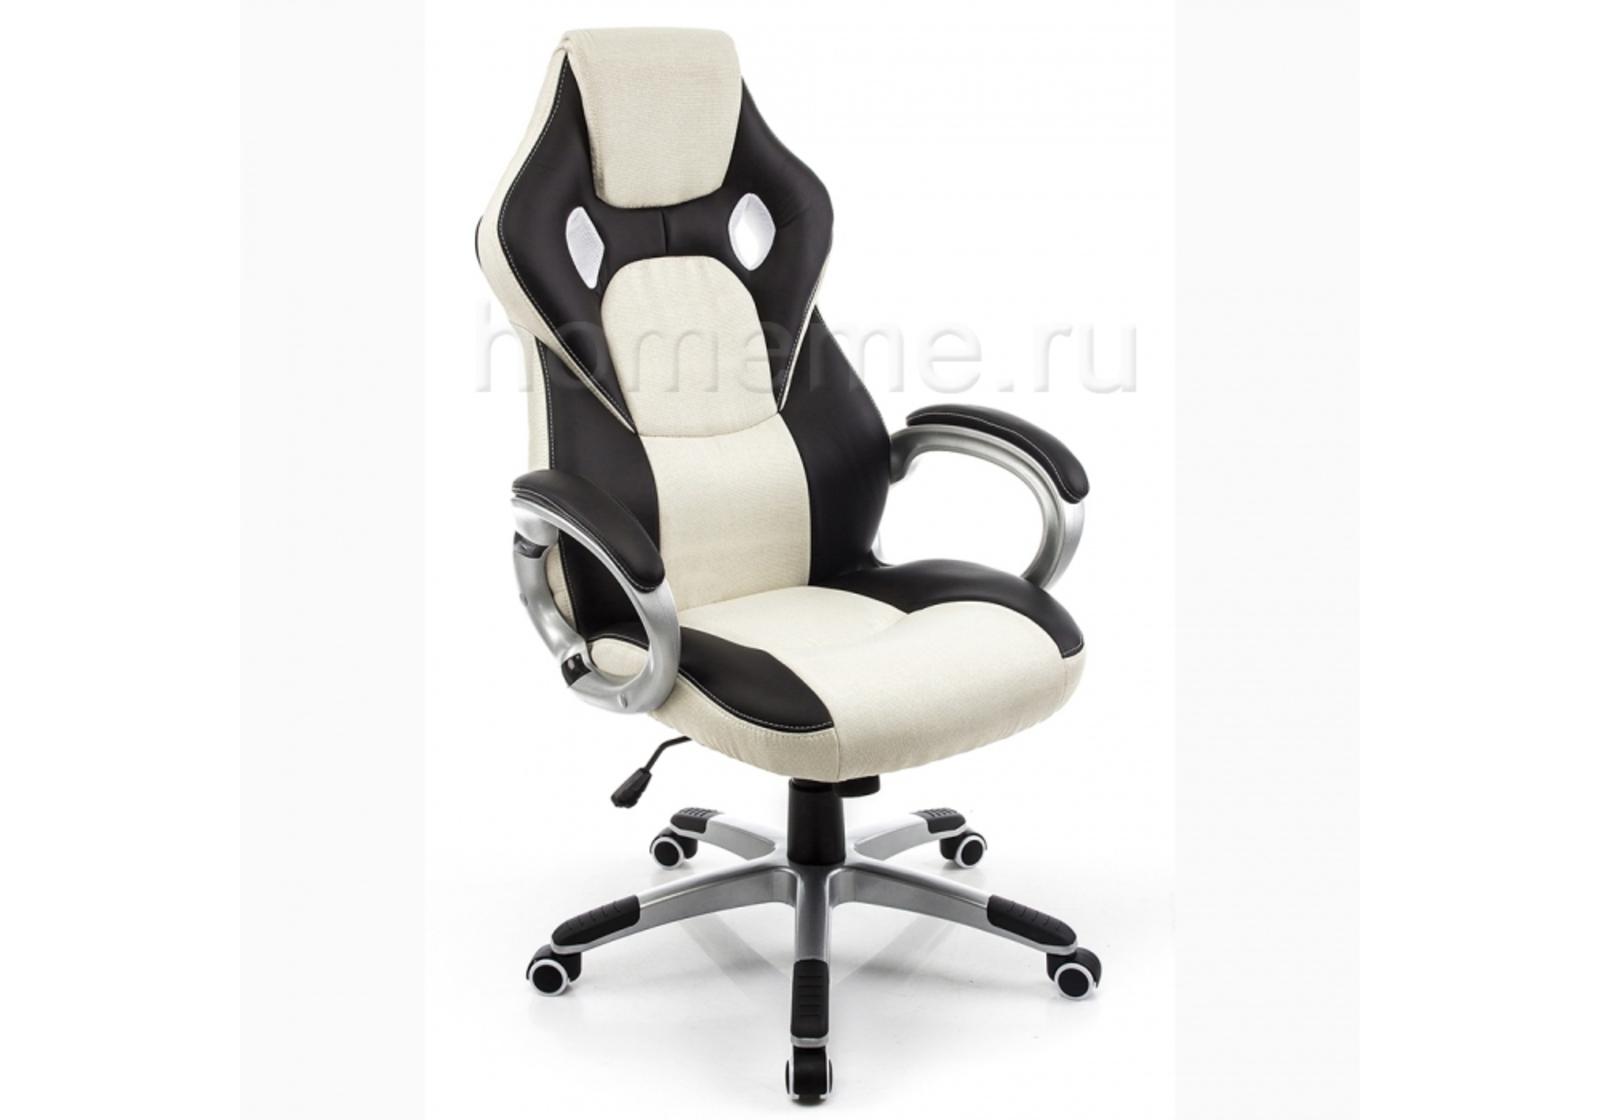 Кресло для офиса HomeMe Navara кремовое / черное 1723 от Homeme.ru